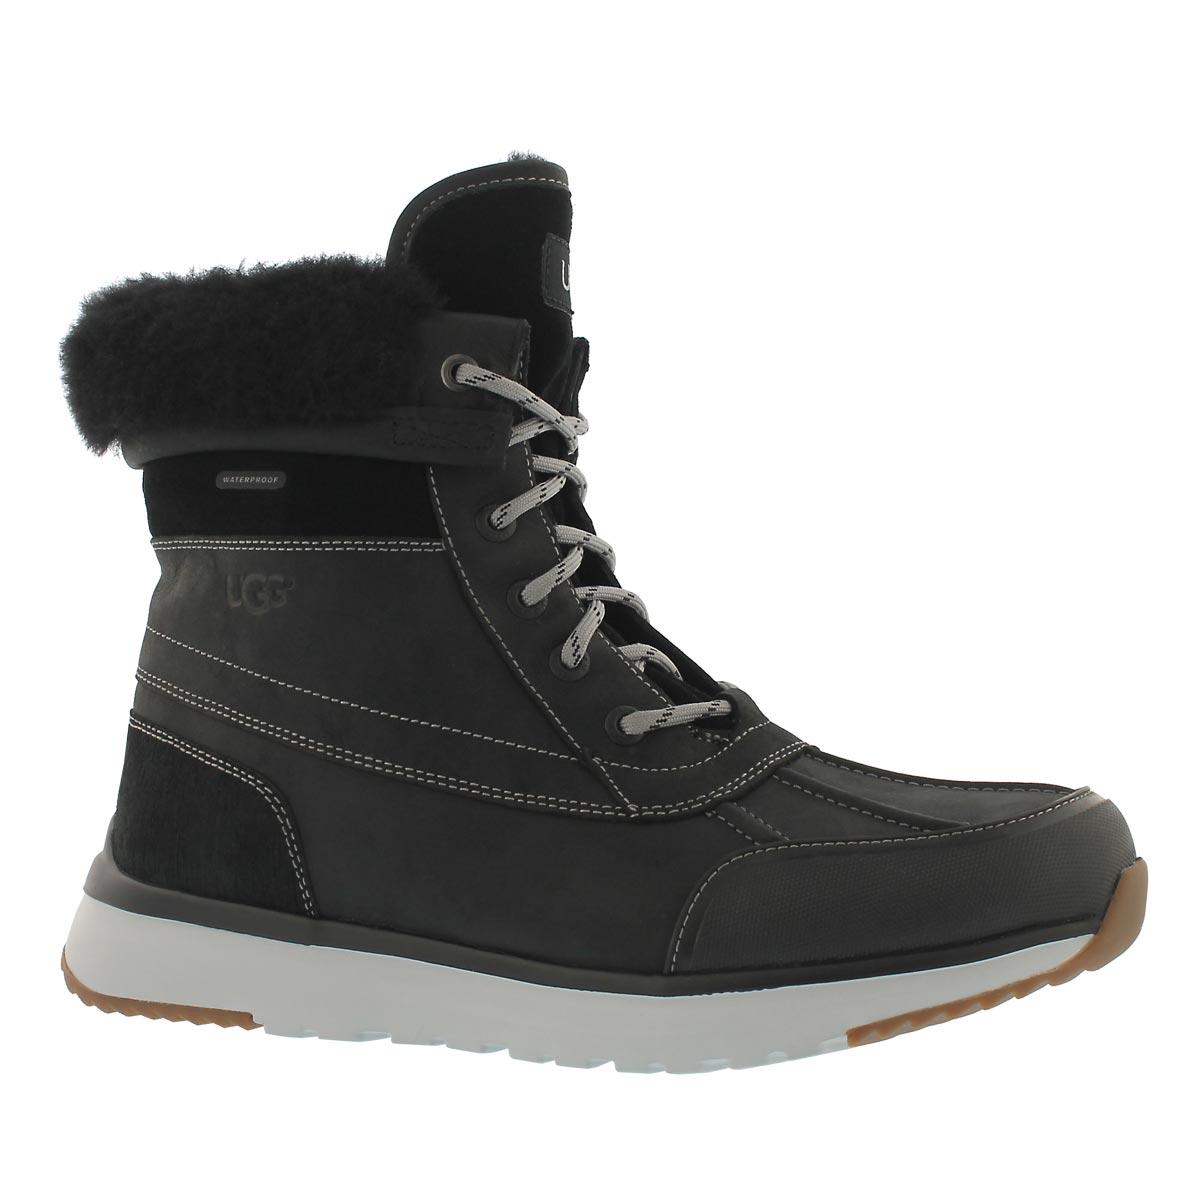 Men's ELIASSON black lace up winter boots